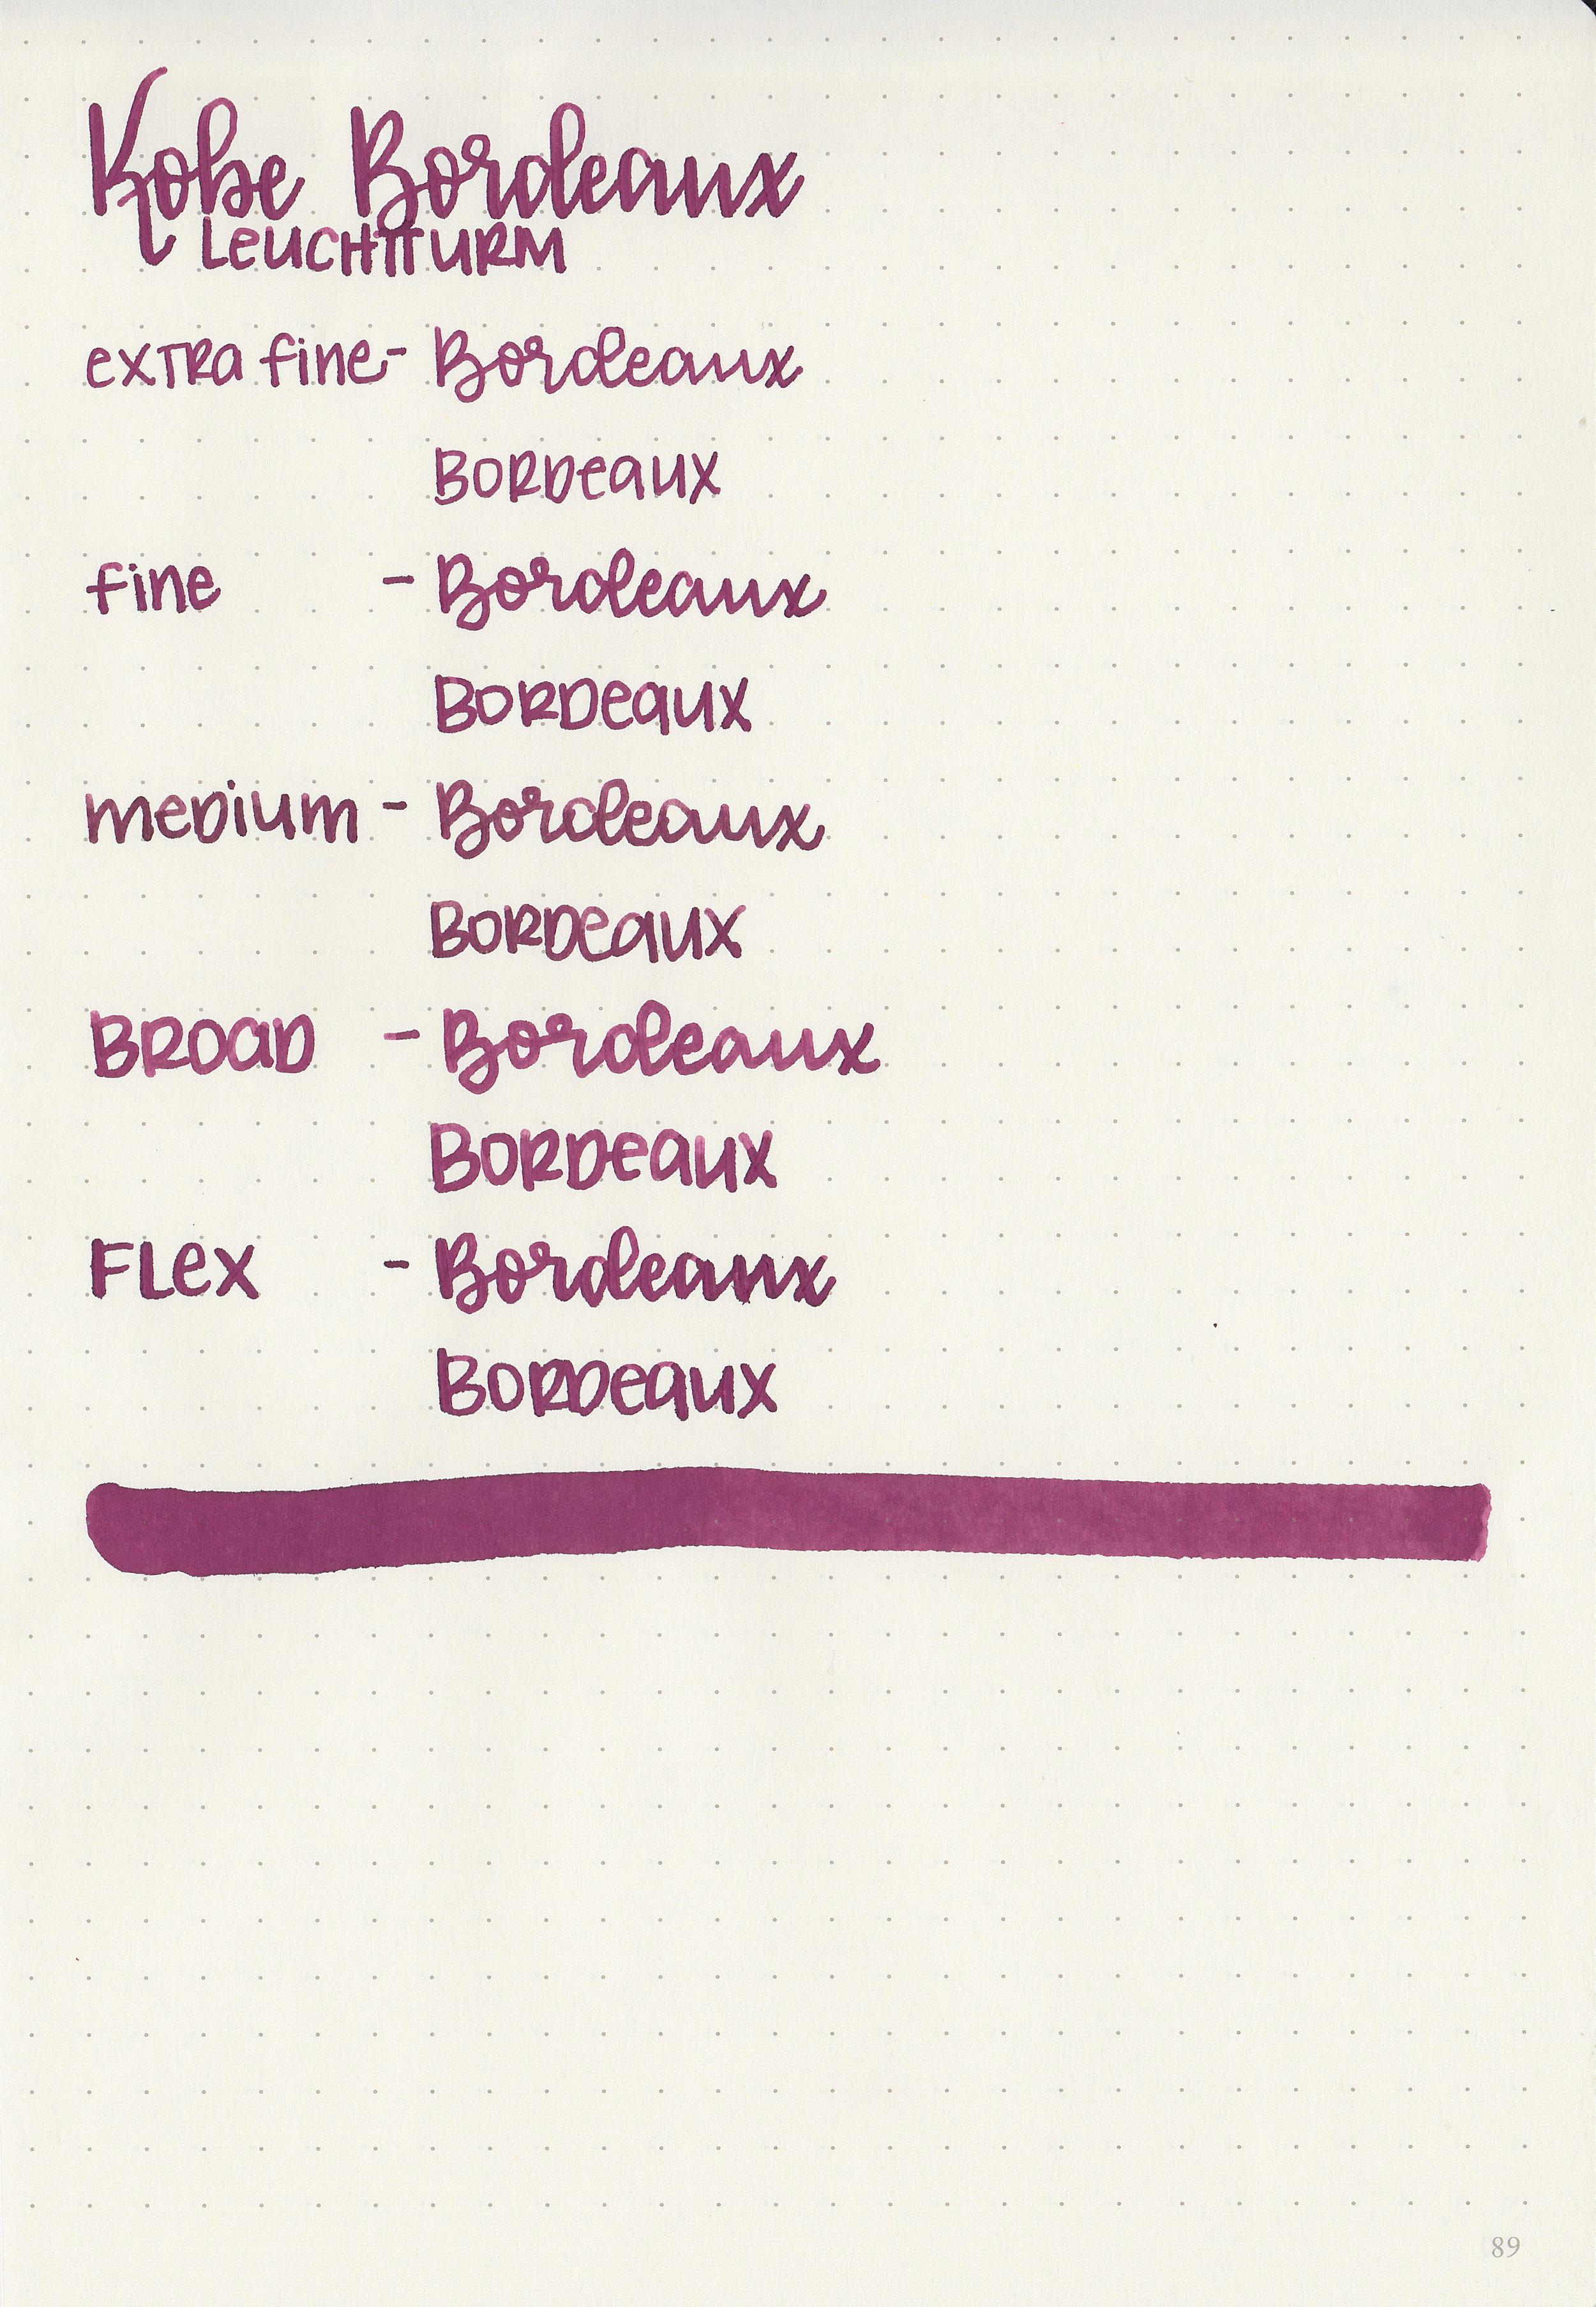 nk-bordeaux-9.jpg